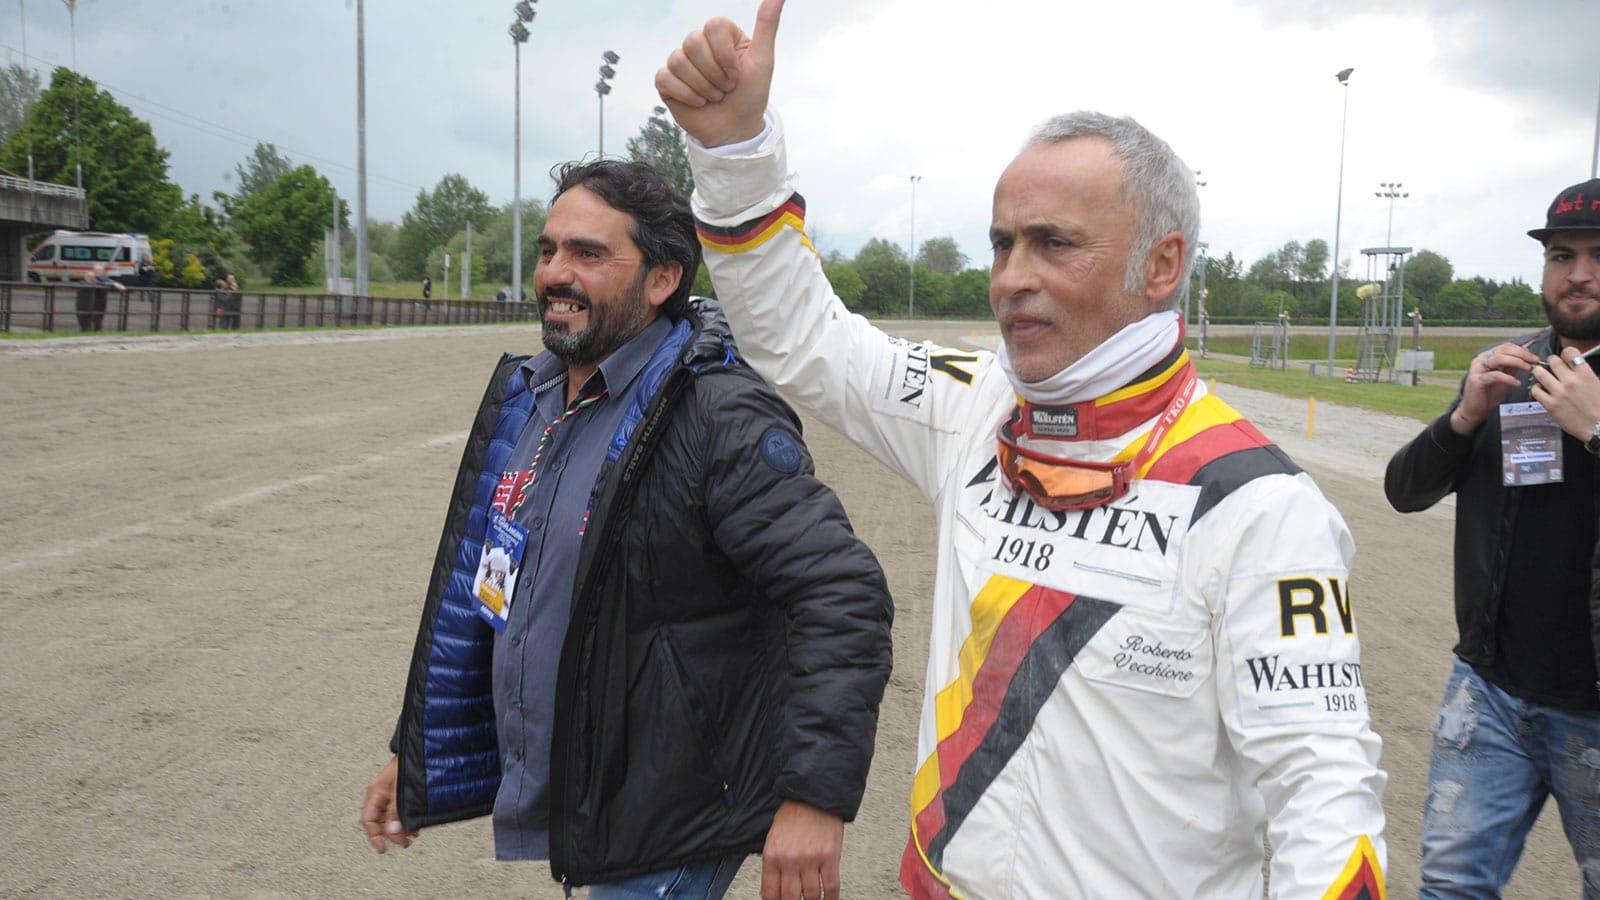 19-05-2019-corsa-6-03